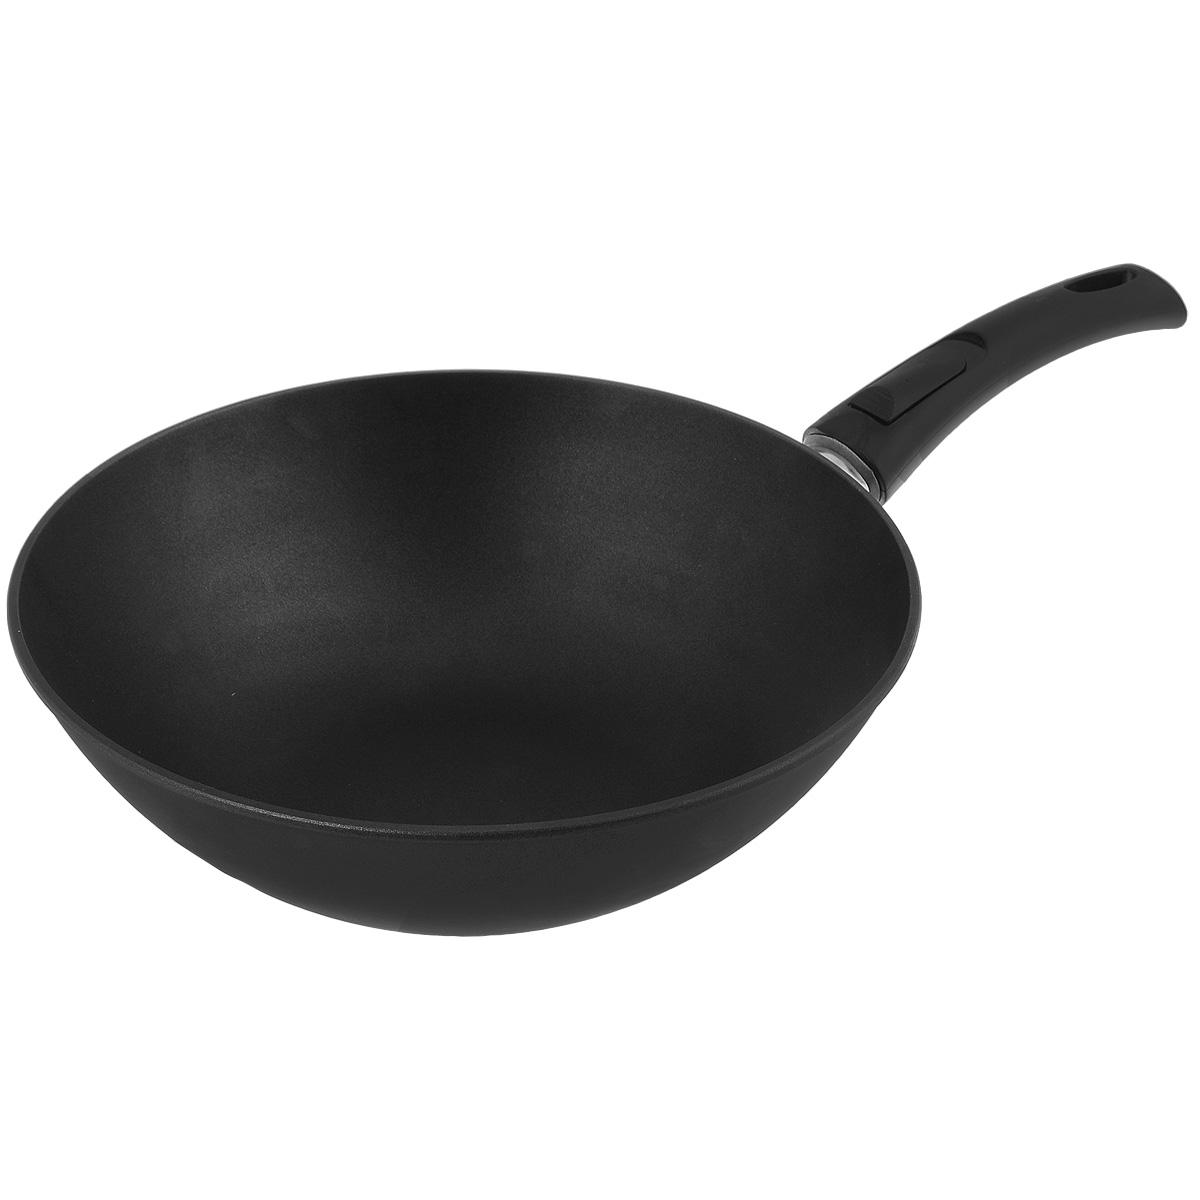 Сковорода-вок литая НМП Титан, с полимер-керамическим антипригарным покрытием, со съемной ручкой, цвет: черный. Диаметр 30 см3130WЛитая сковорода-вок НМП Титан изготовлена из алюминия с полимер-керамическим антипригарным покрытием. Эргономичная ручка - съемная, что позволяет использовать сковороду-вок в духовом шкафу или морозильной камере. Особенности посуды серии ТИТАН: - 4-слойная антипригарная полимер-керамическая система ТИТАН обладает повышенной износостойкостью, достигаемой за счет особой структуры и специальной технологии нанесения. Это собственная запатентованная разработка компании, не имеющая аналогов в России. Прототип покрытия применялся при постройке космического корабля Буран и орбитальных спутников - в состав системы ТИТАН входят антипригарные слои на водной основе - система ТИТАН традиционно производится без использования PFOA /перфтороктановой кислоты/ - равномерно нагревается за счет особой конструкции корпуса по принципу золотого сечения, толстых стенок и еще более толстого дна - приготовленная еда получается особенно вкусной благодаря специфическим...